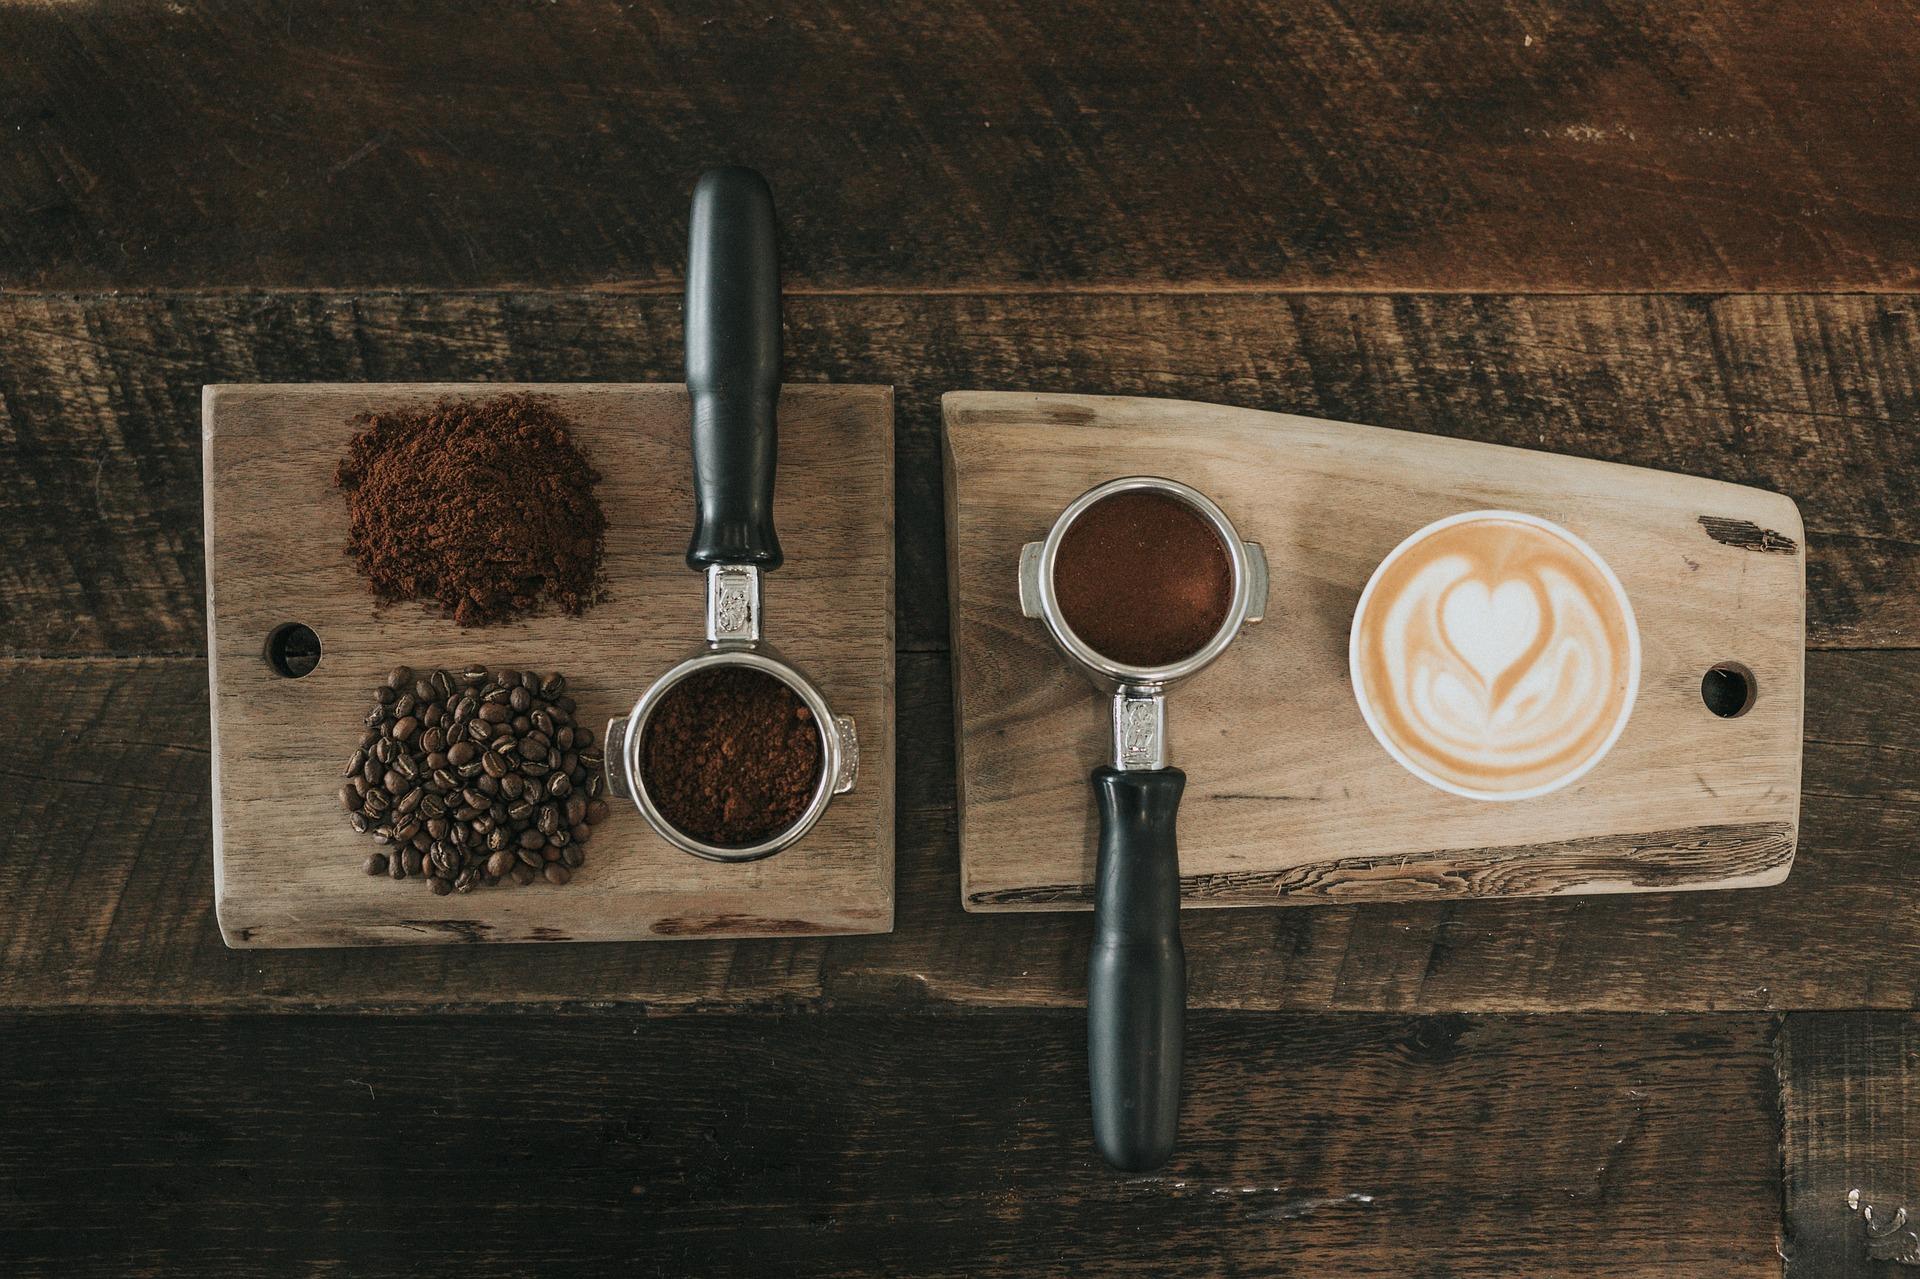 Kompleksowe wyposażenie kawiarni